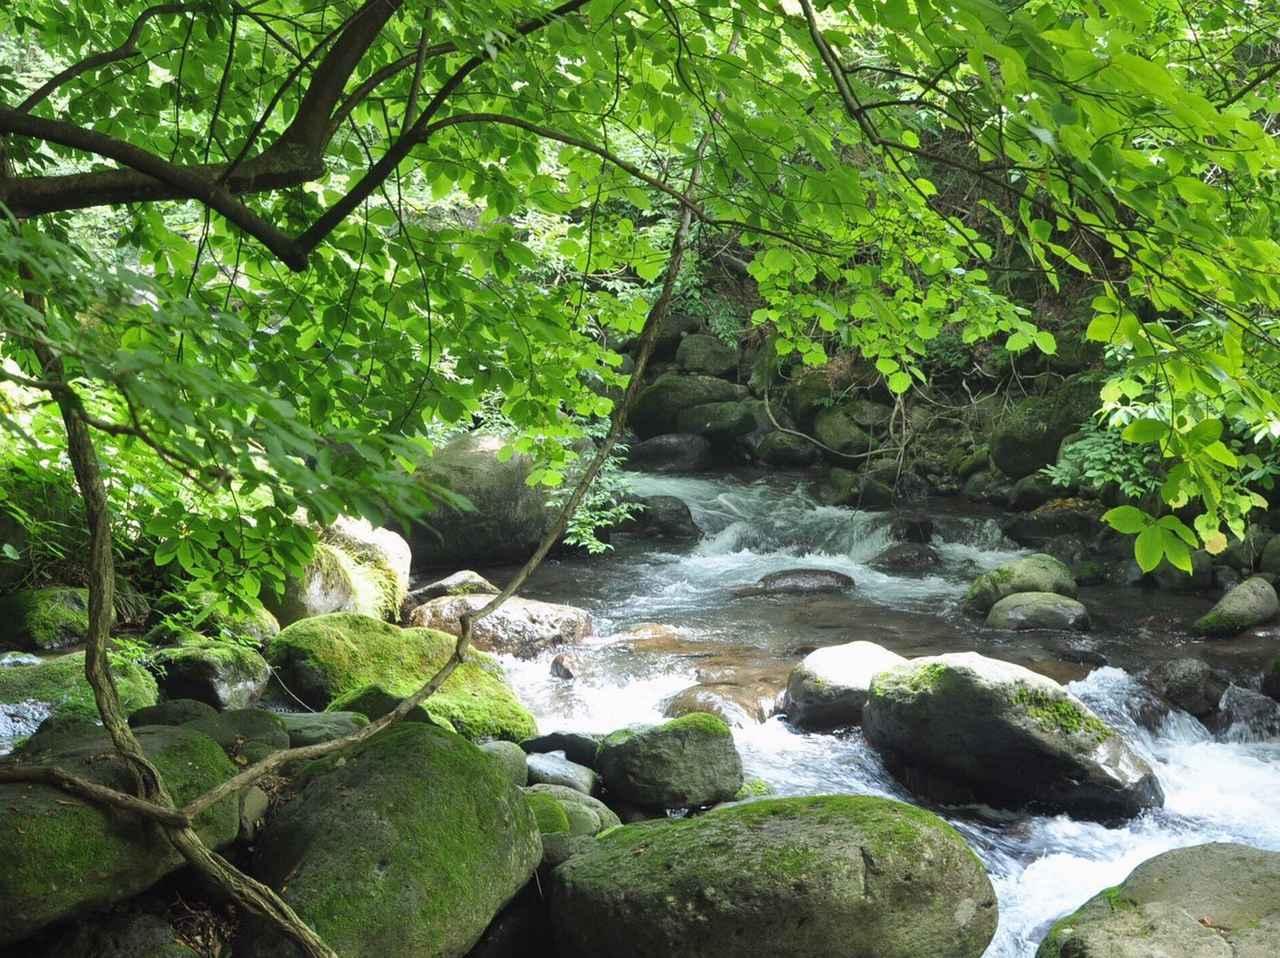 【おすすめハイキングスポット】栃木県『尚仁沢湧水』 天然の湧き水と美しい森林浴に癒される